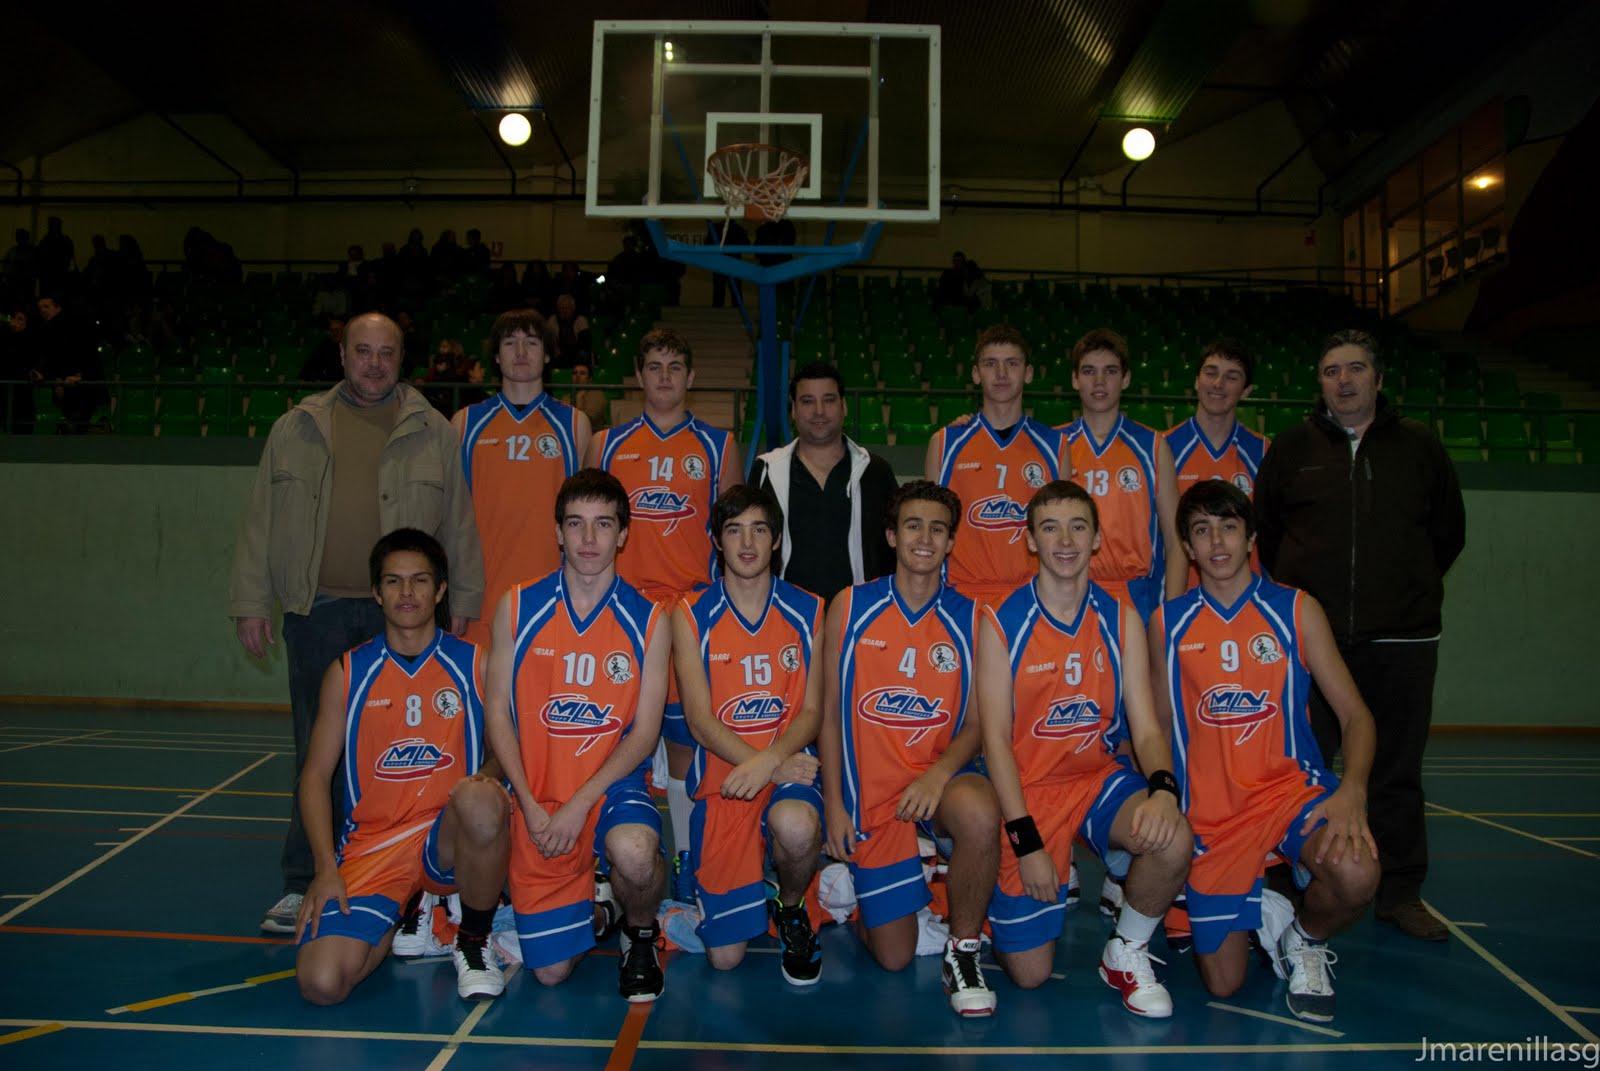 Club baloncesto jaca junior final copa aragon huesca - Contactos en barbastro ...